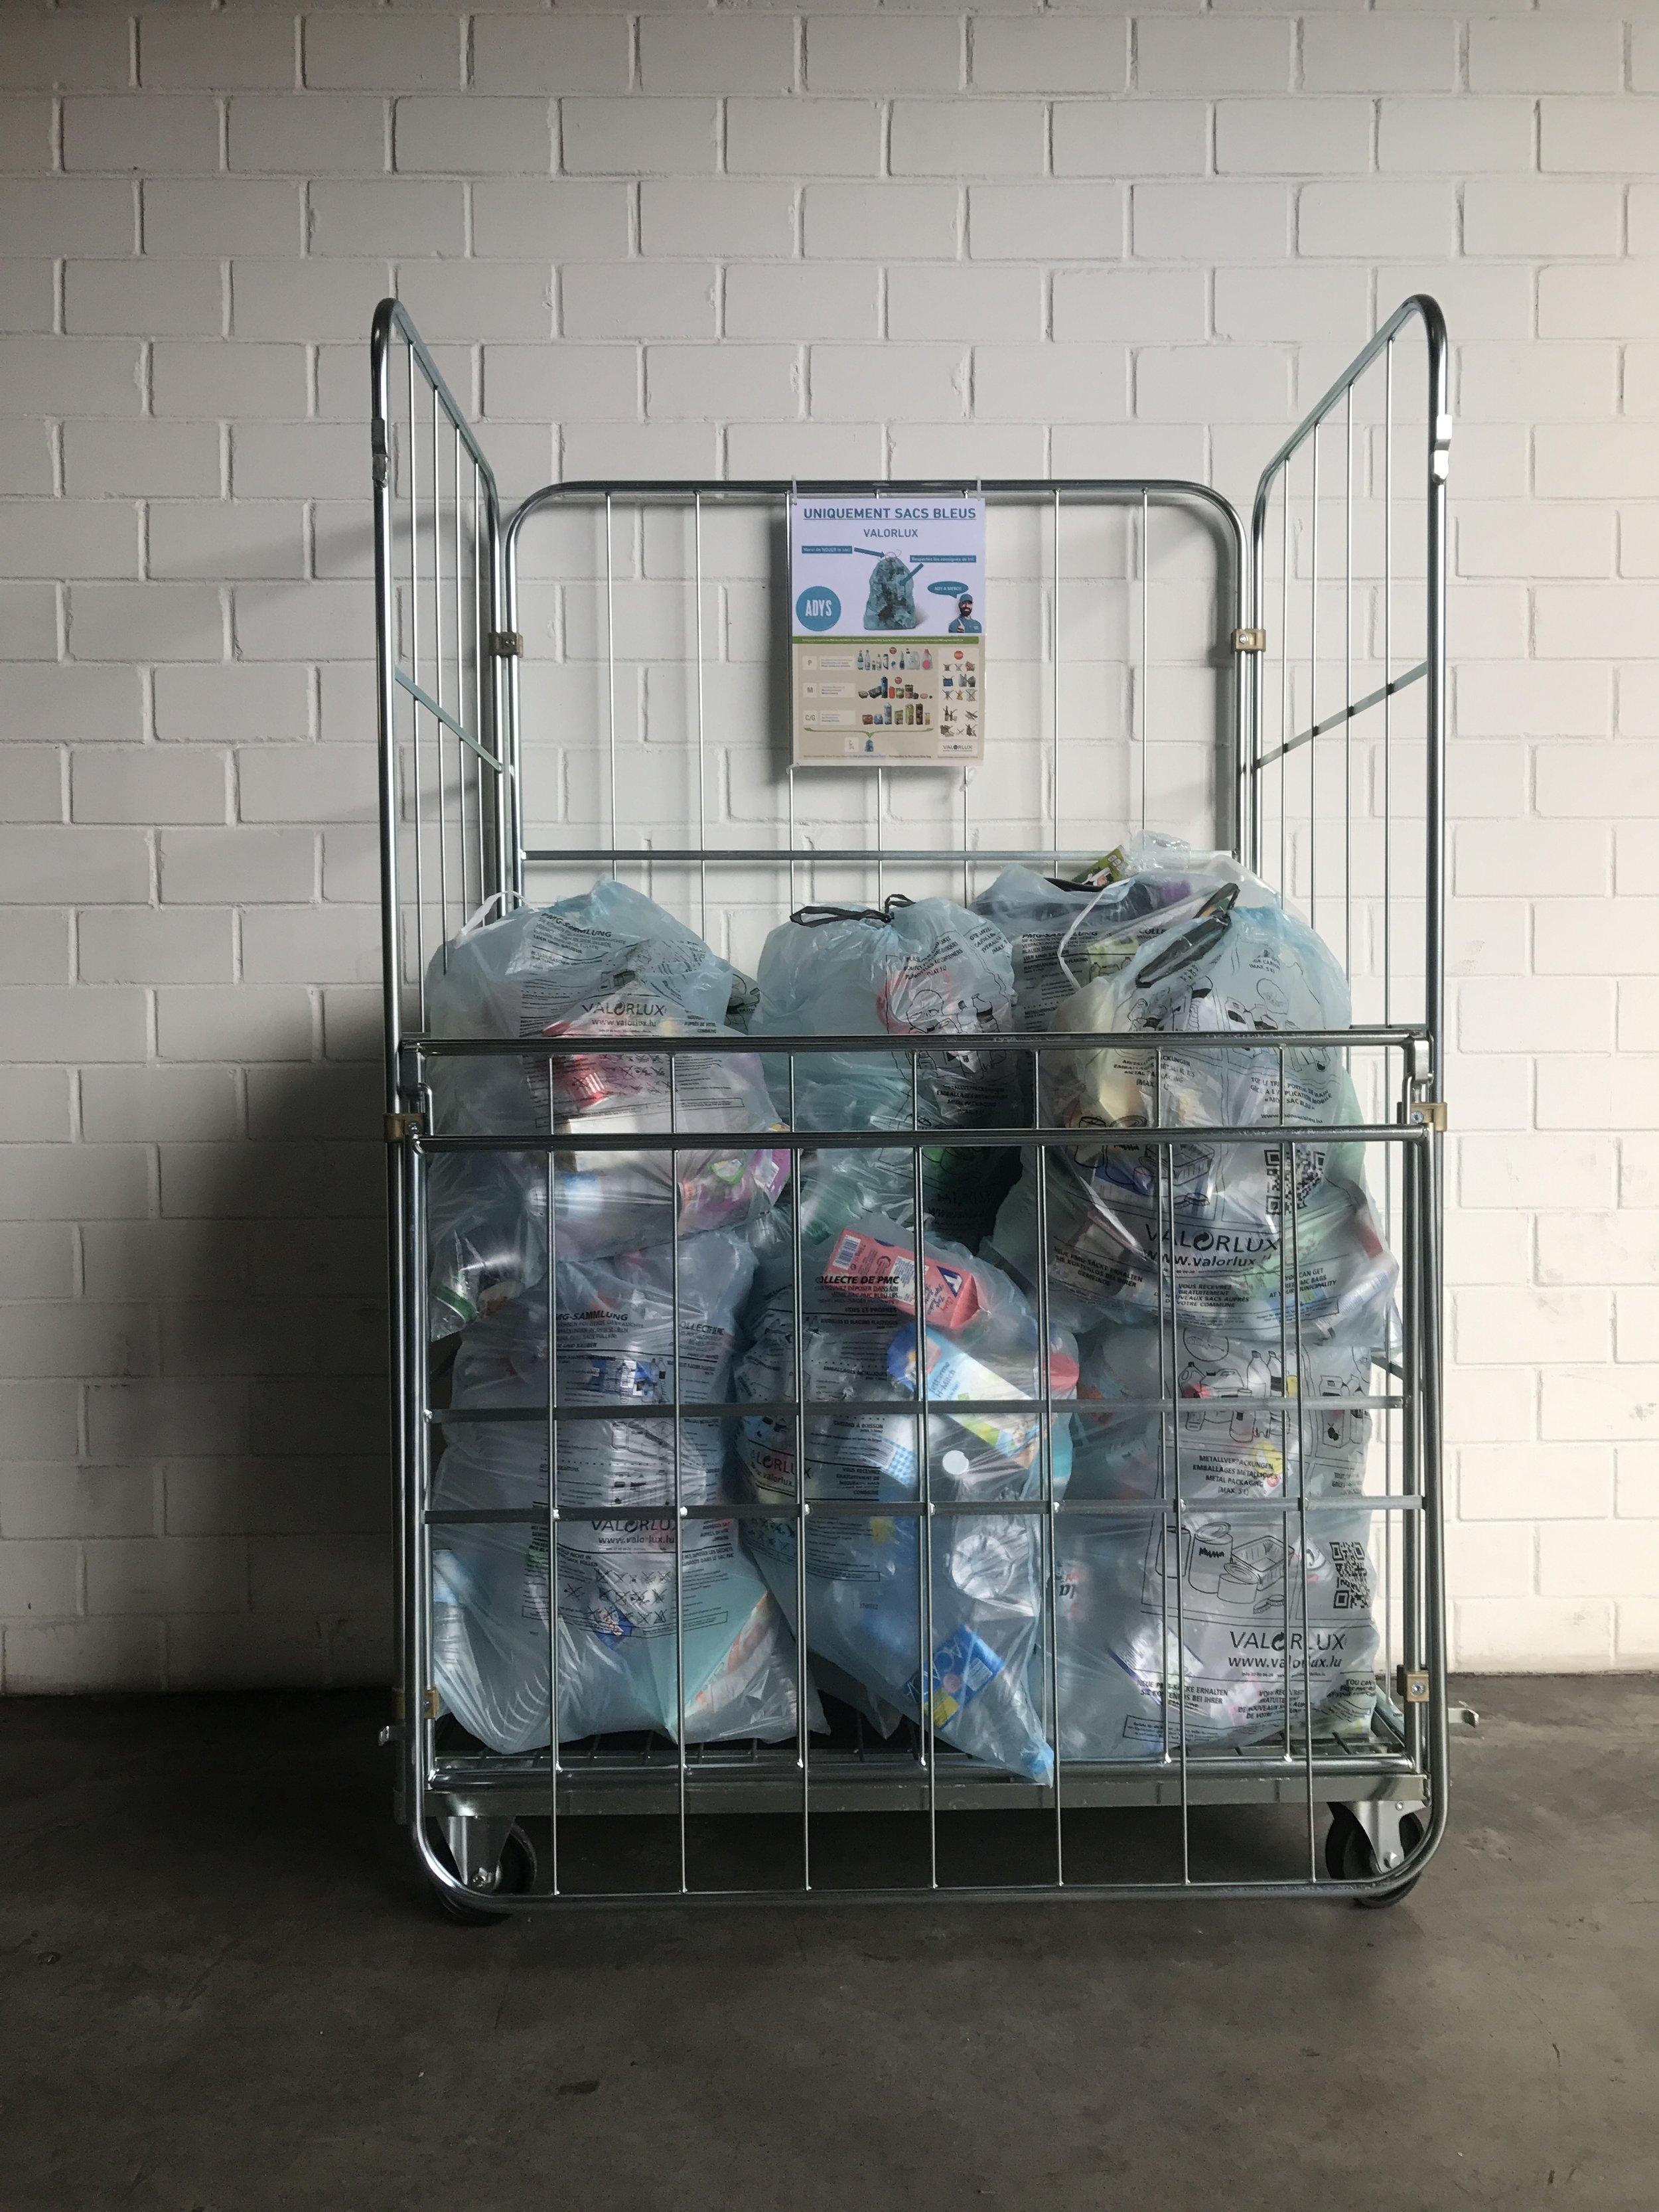 chariot valorlux livraison commande déchets recycling revalorisation valorlux sac grille